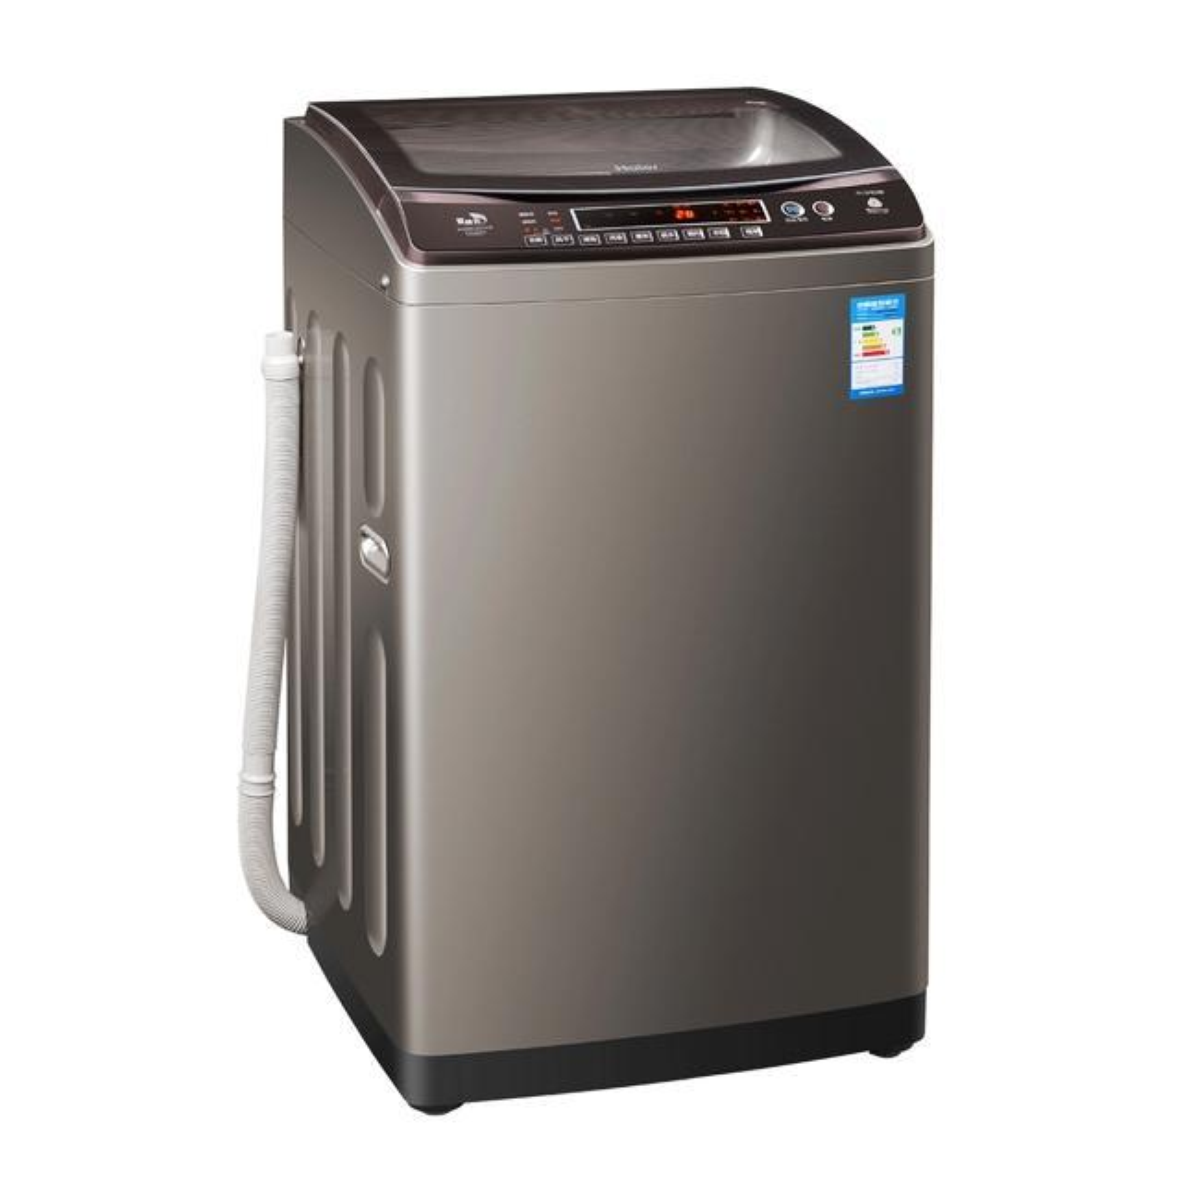 海尔波轮洗衣机MS85188BZ31(N)